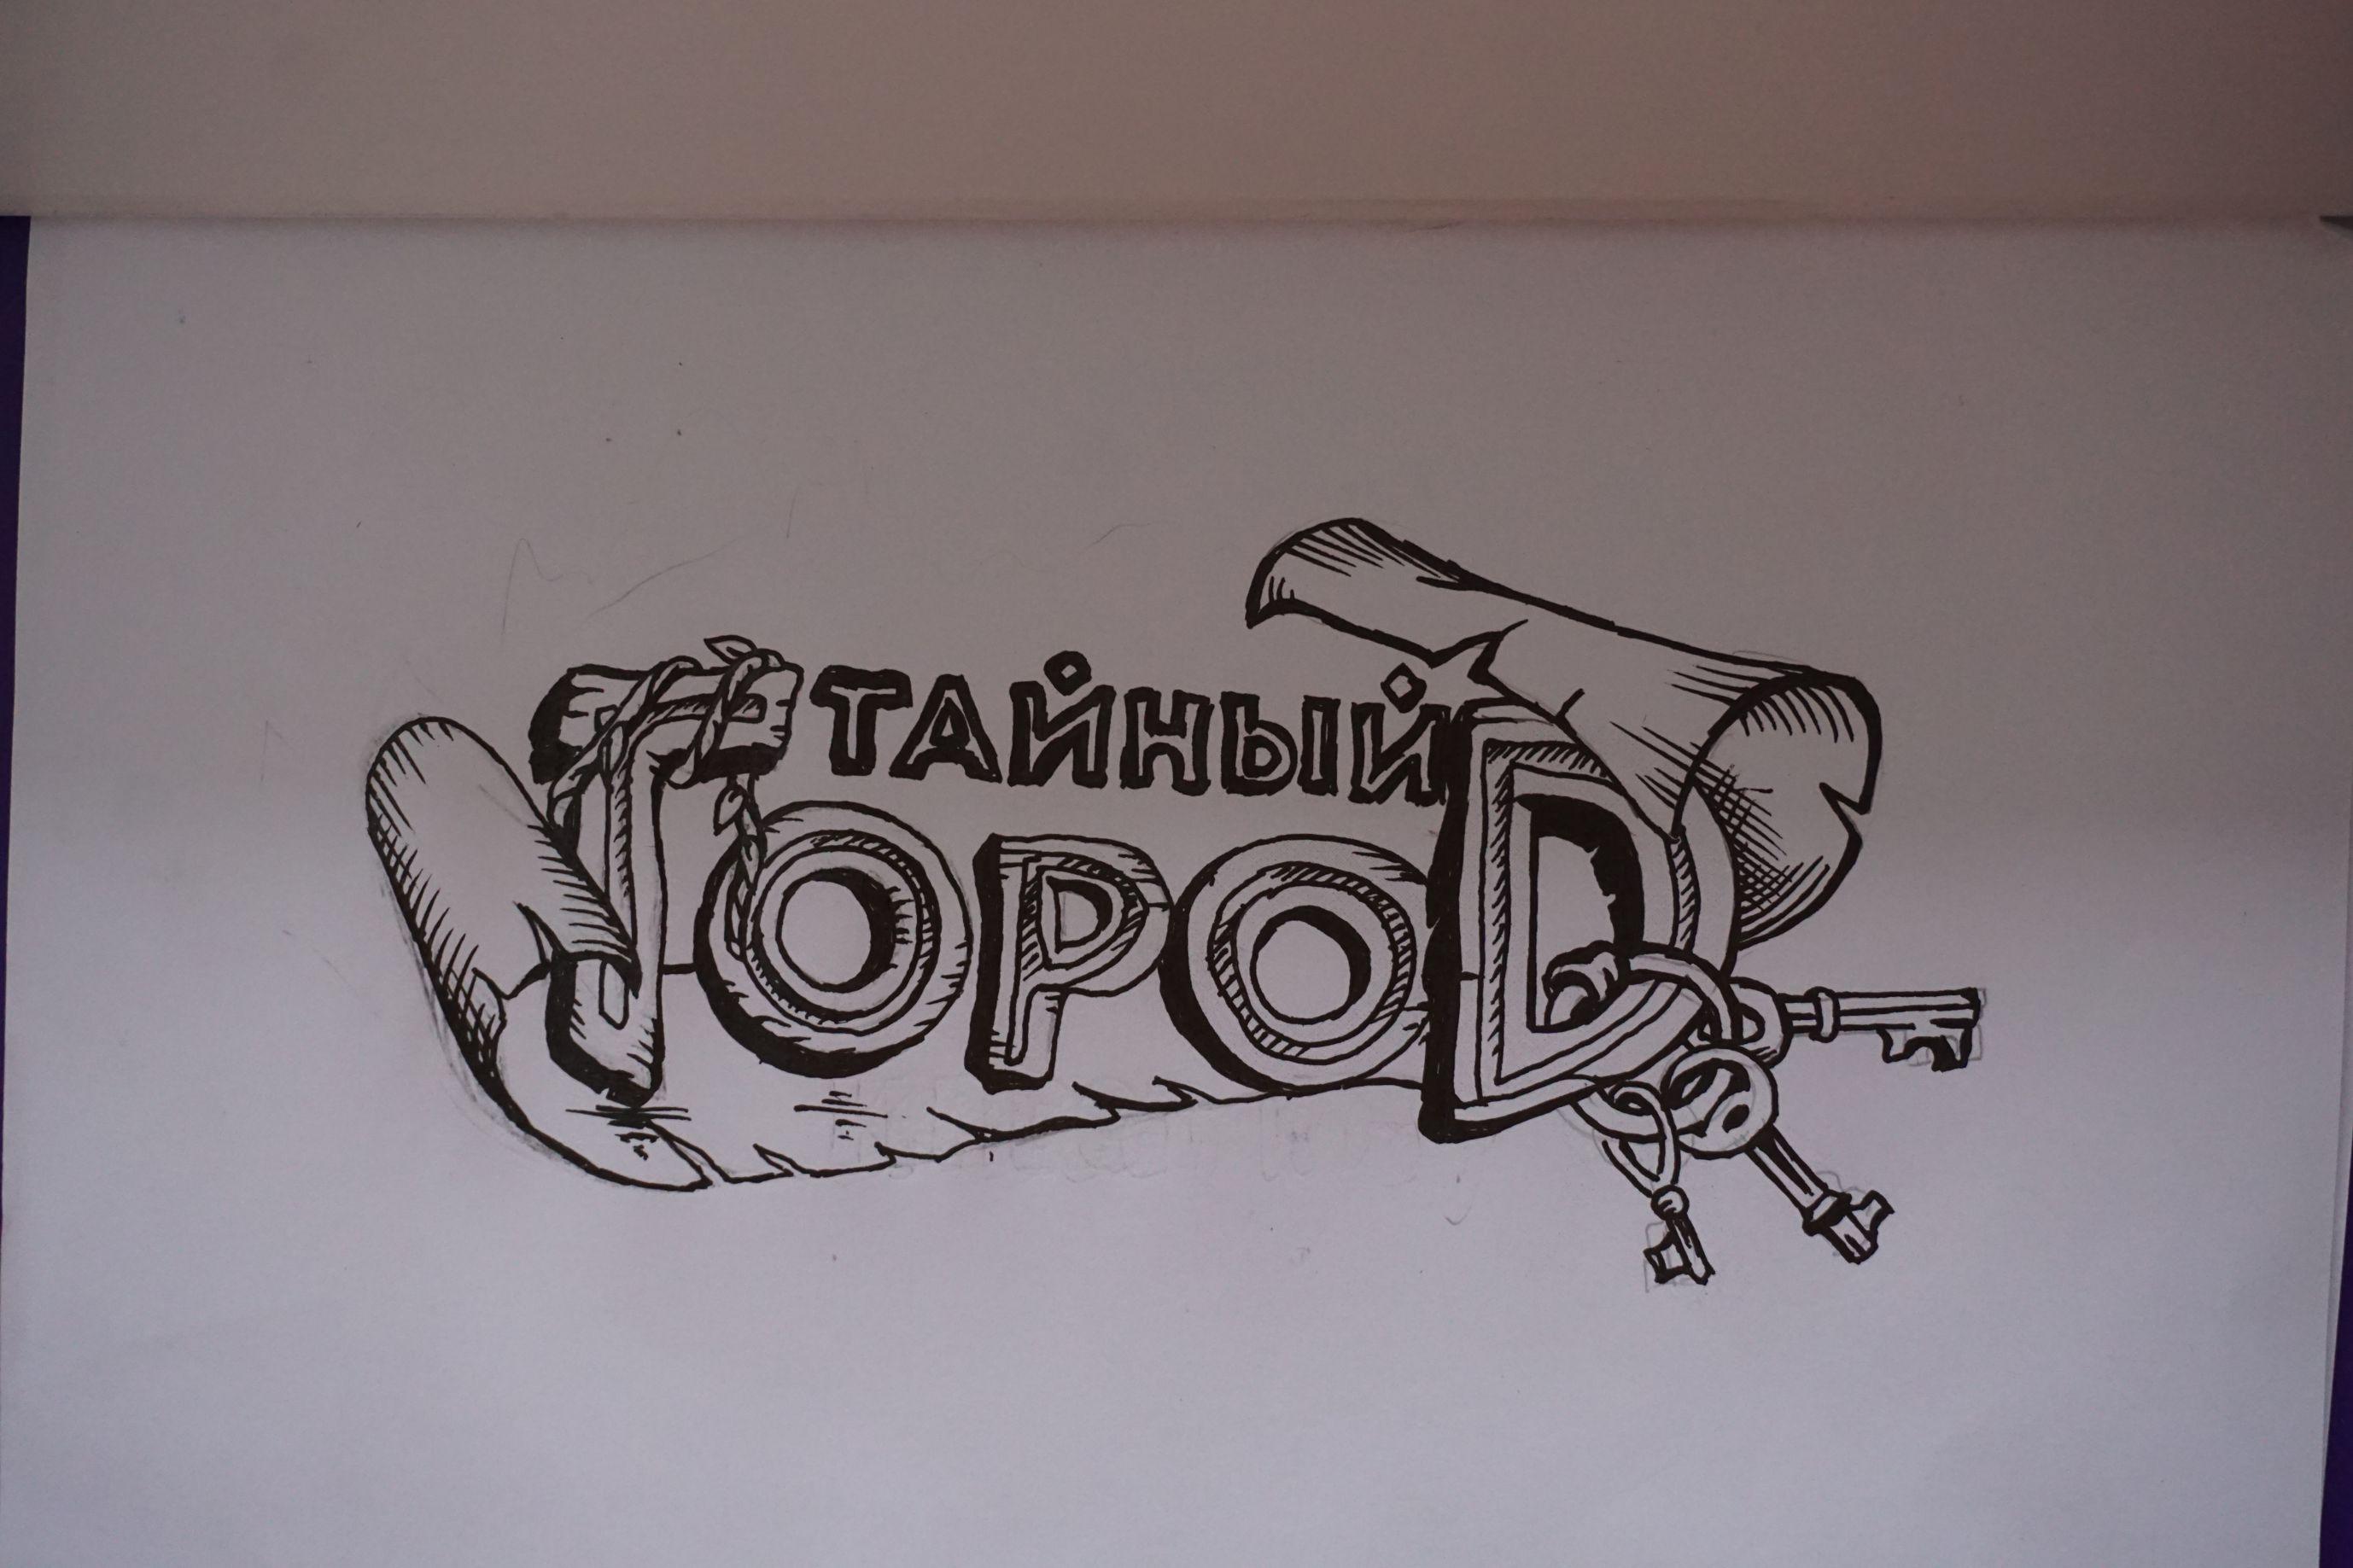 Разработка логотипа и шрифтов для Квеста  фото f_8845b49a7a661c17.jpg